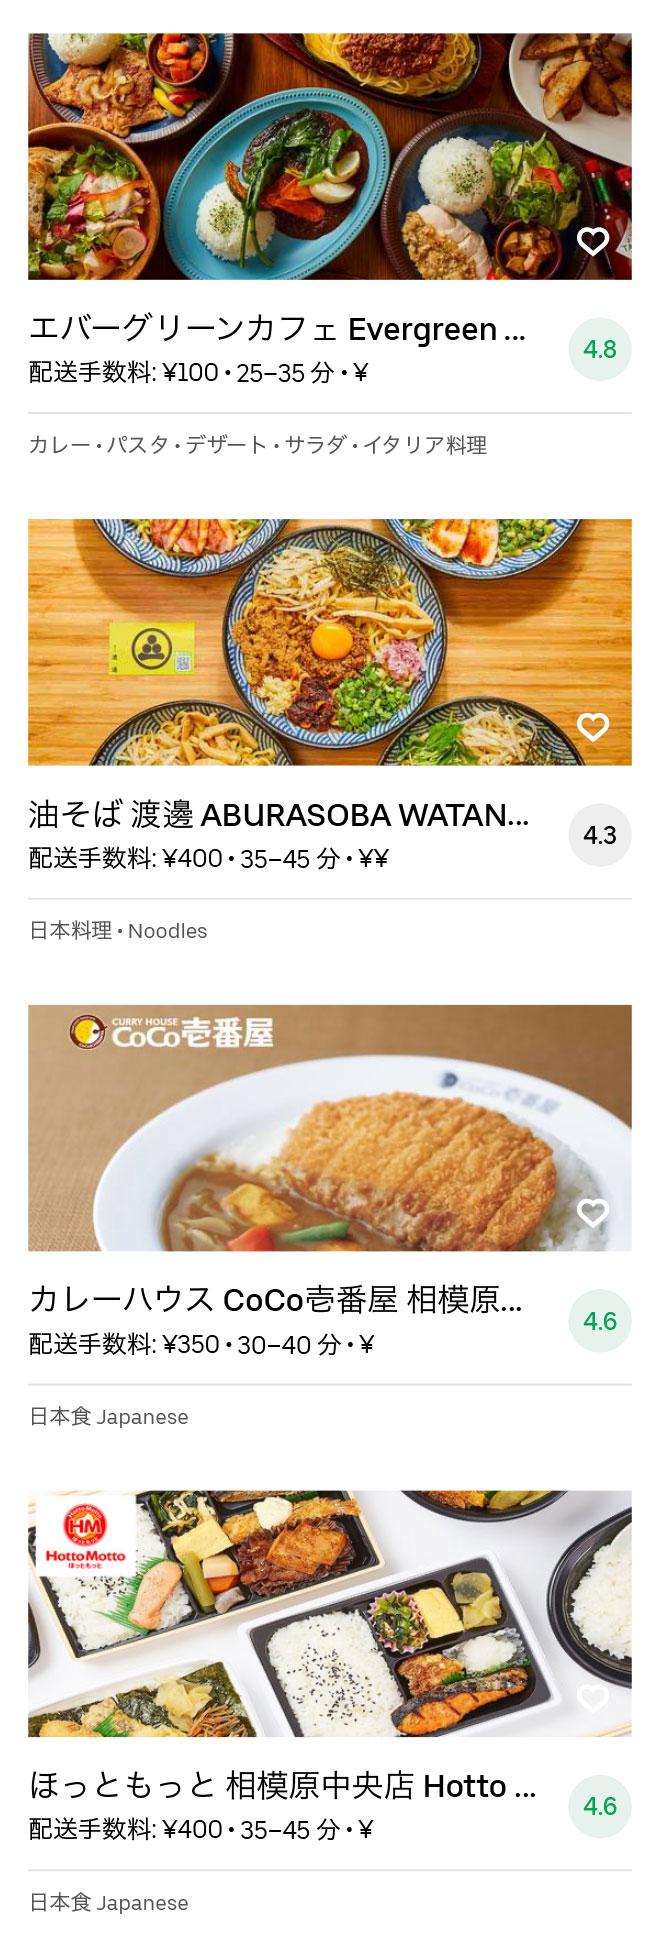 Hashimoto menu 2008 06